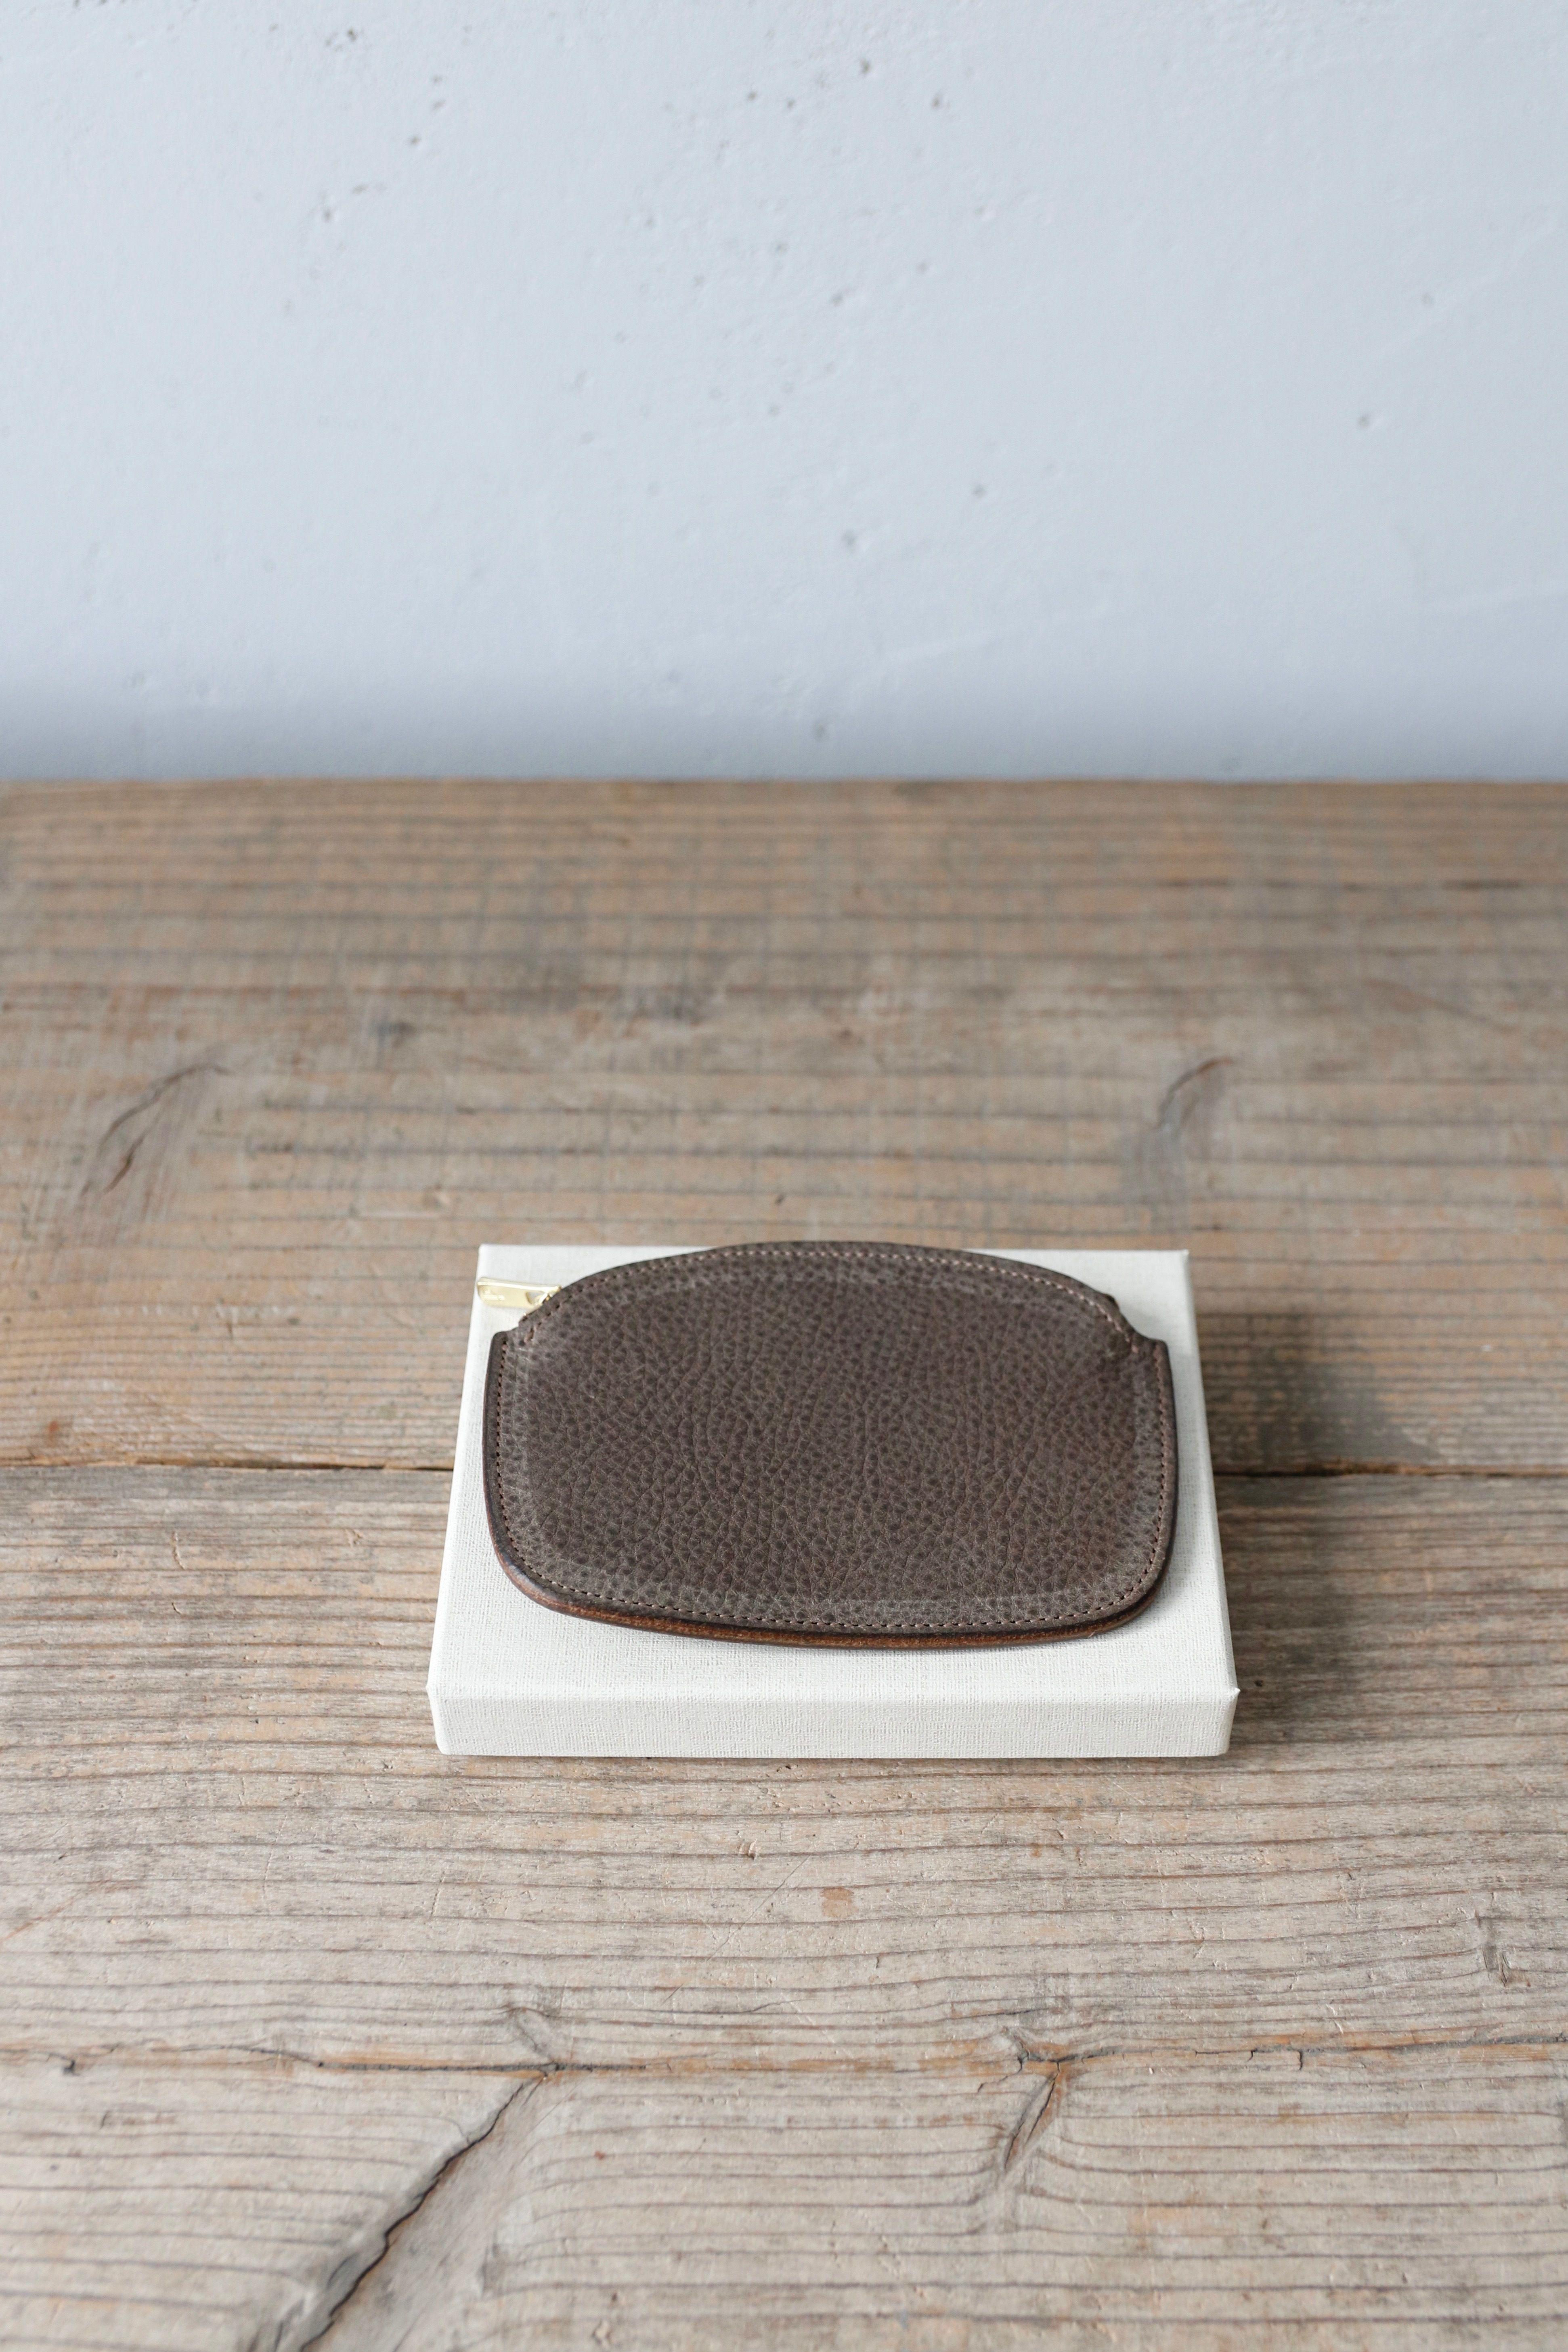 formeフォルメ / Vachetta  leather Coin Purse財布 /  fo-17063